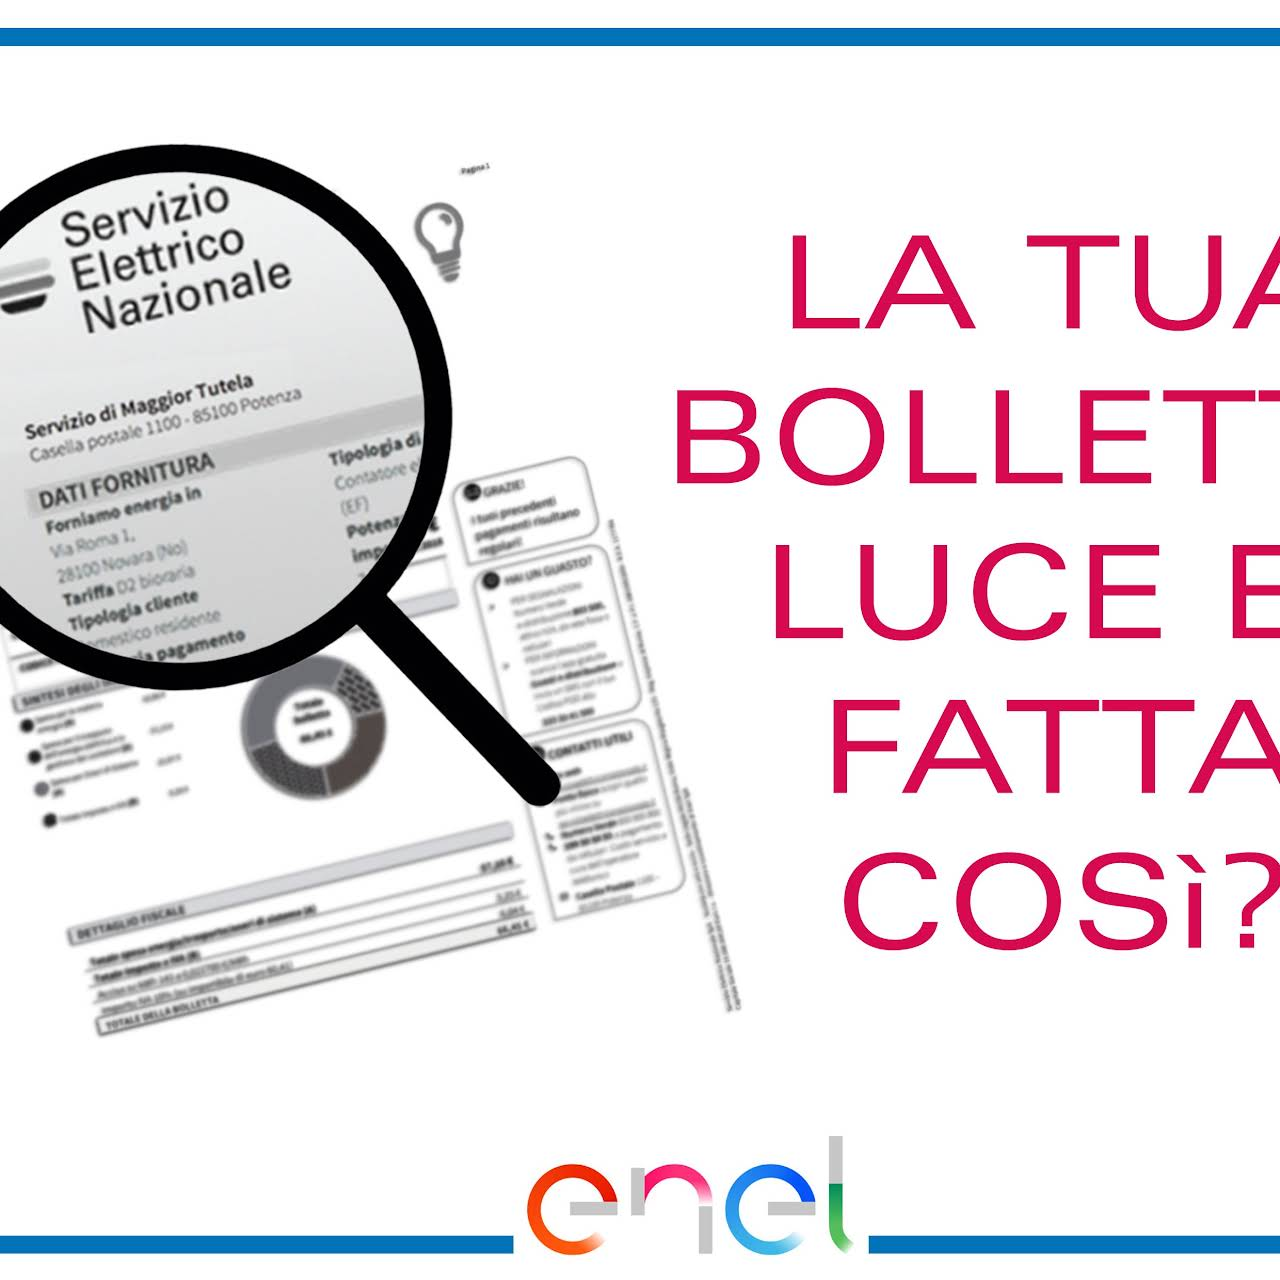 Spazio Enel Partner - Piacenza Manfredi - Azienda ...